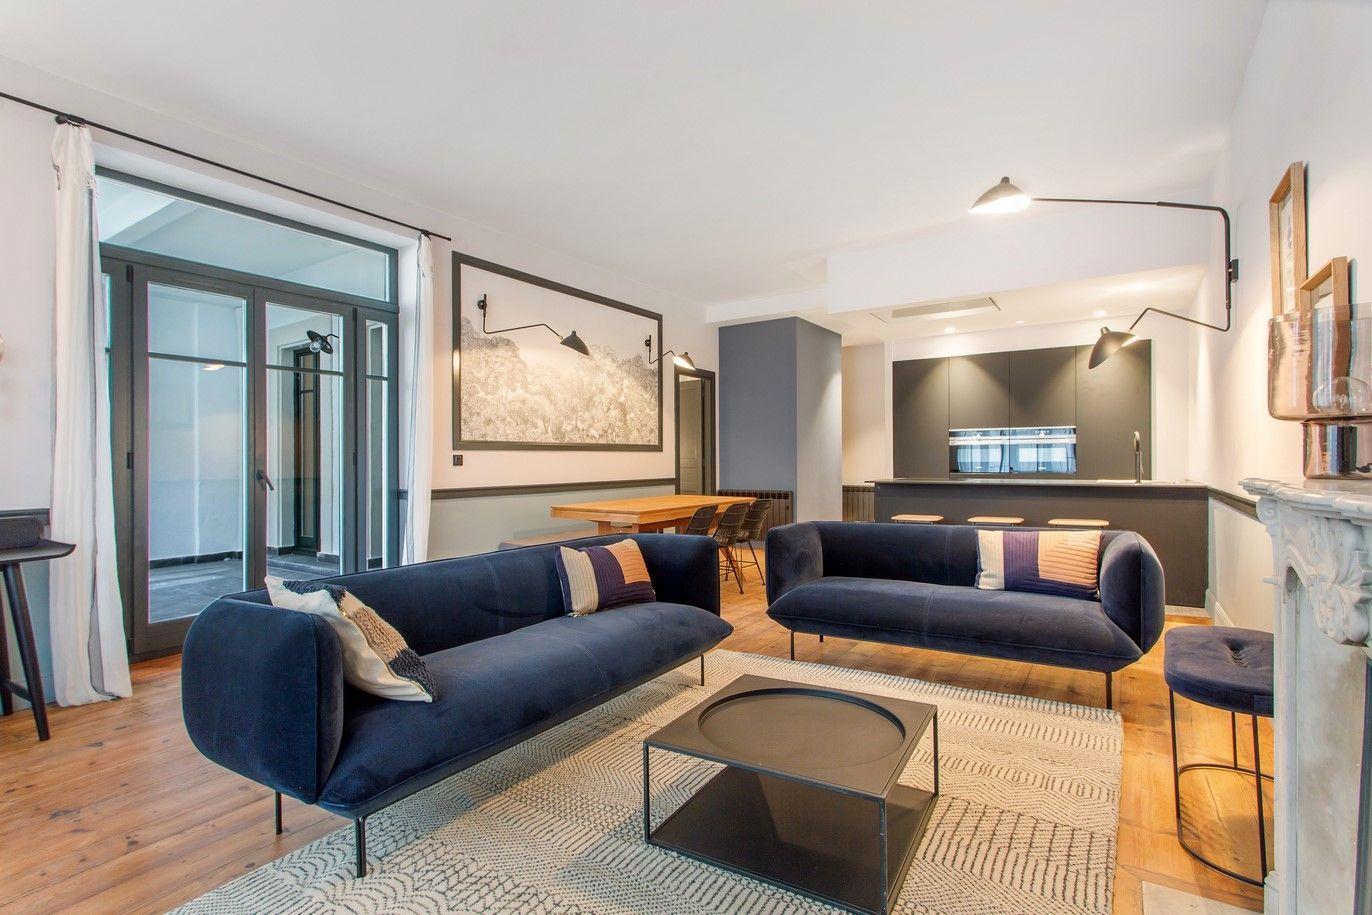 Vivre En Appartement Ou En Maison dans une maison de ville des années 30, au 2ème étage